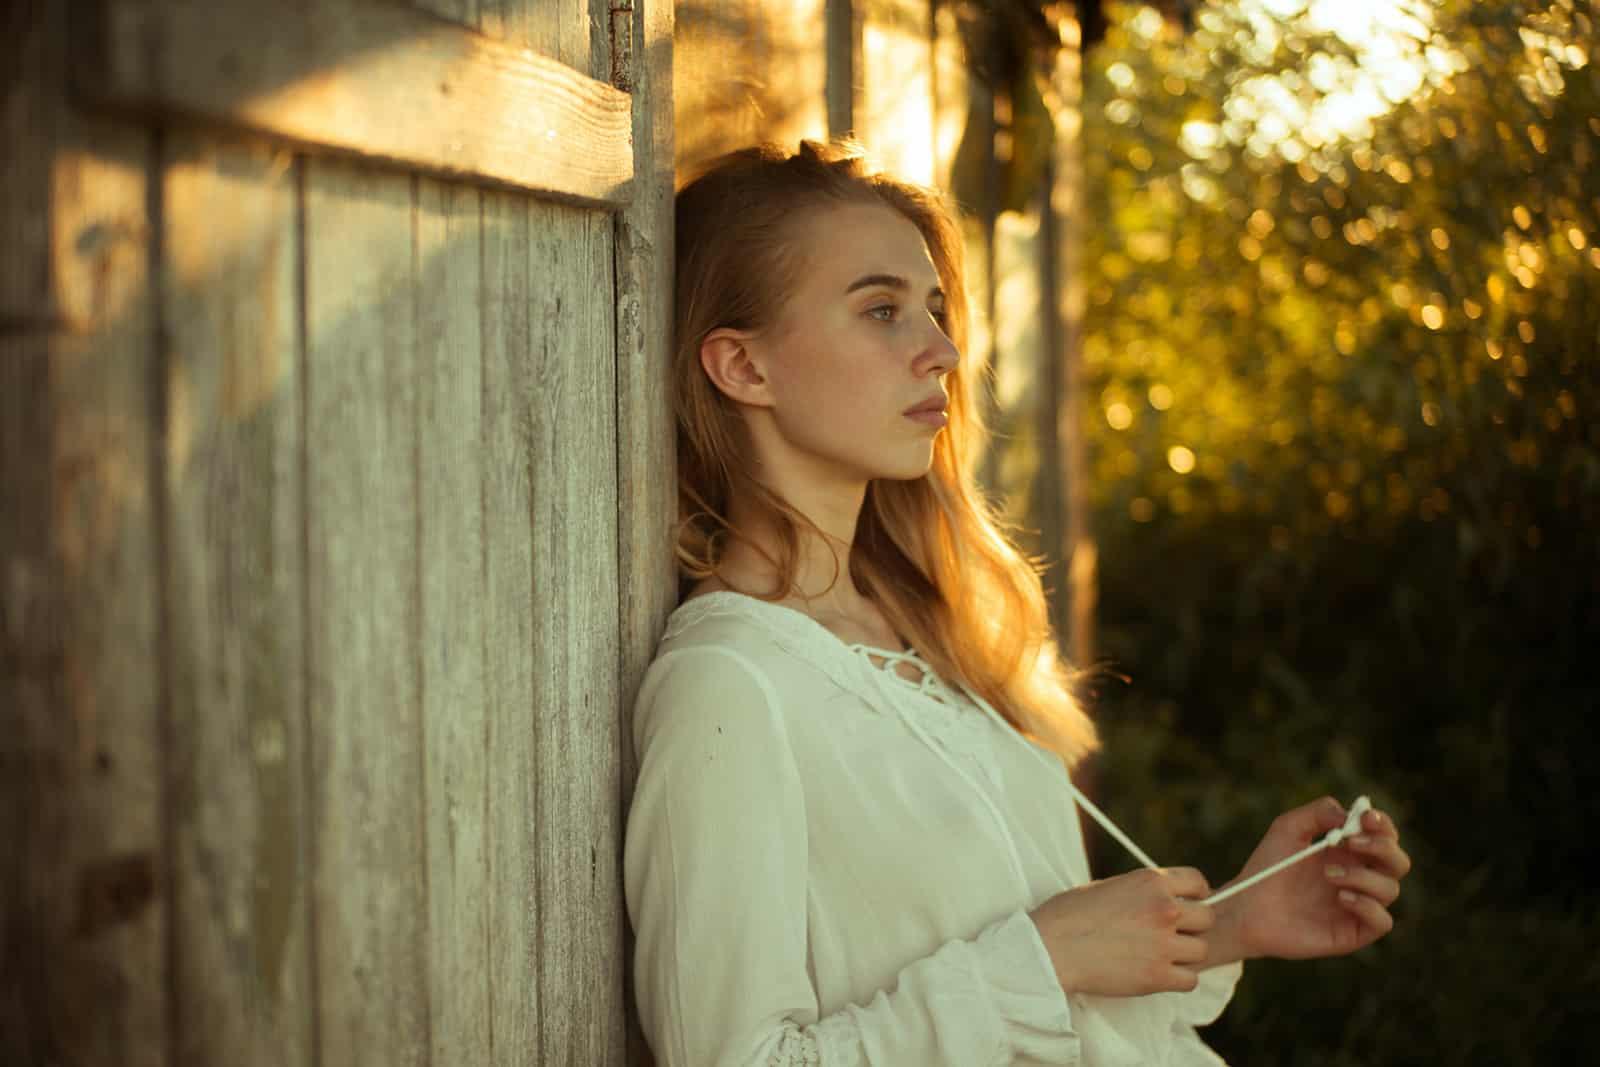 eine traurige Frau, die sich an die Holzwand lehnt und tief nach vorne schaut